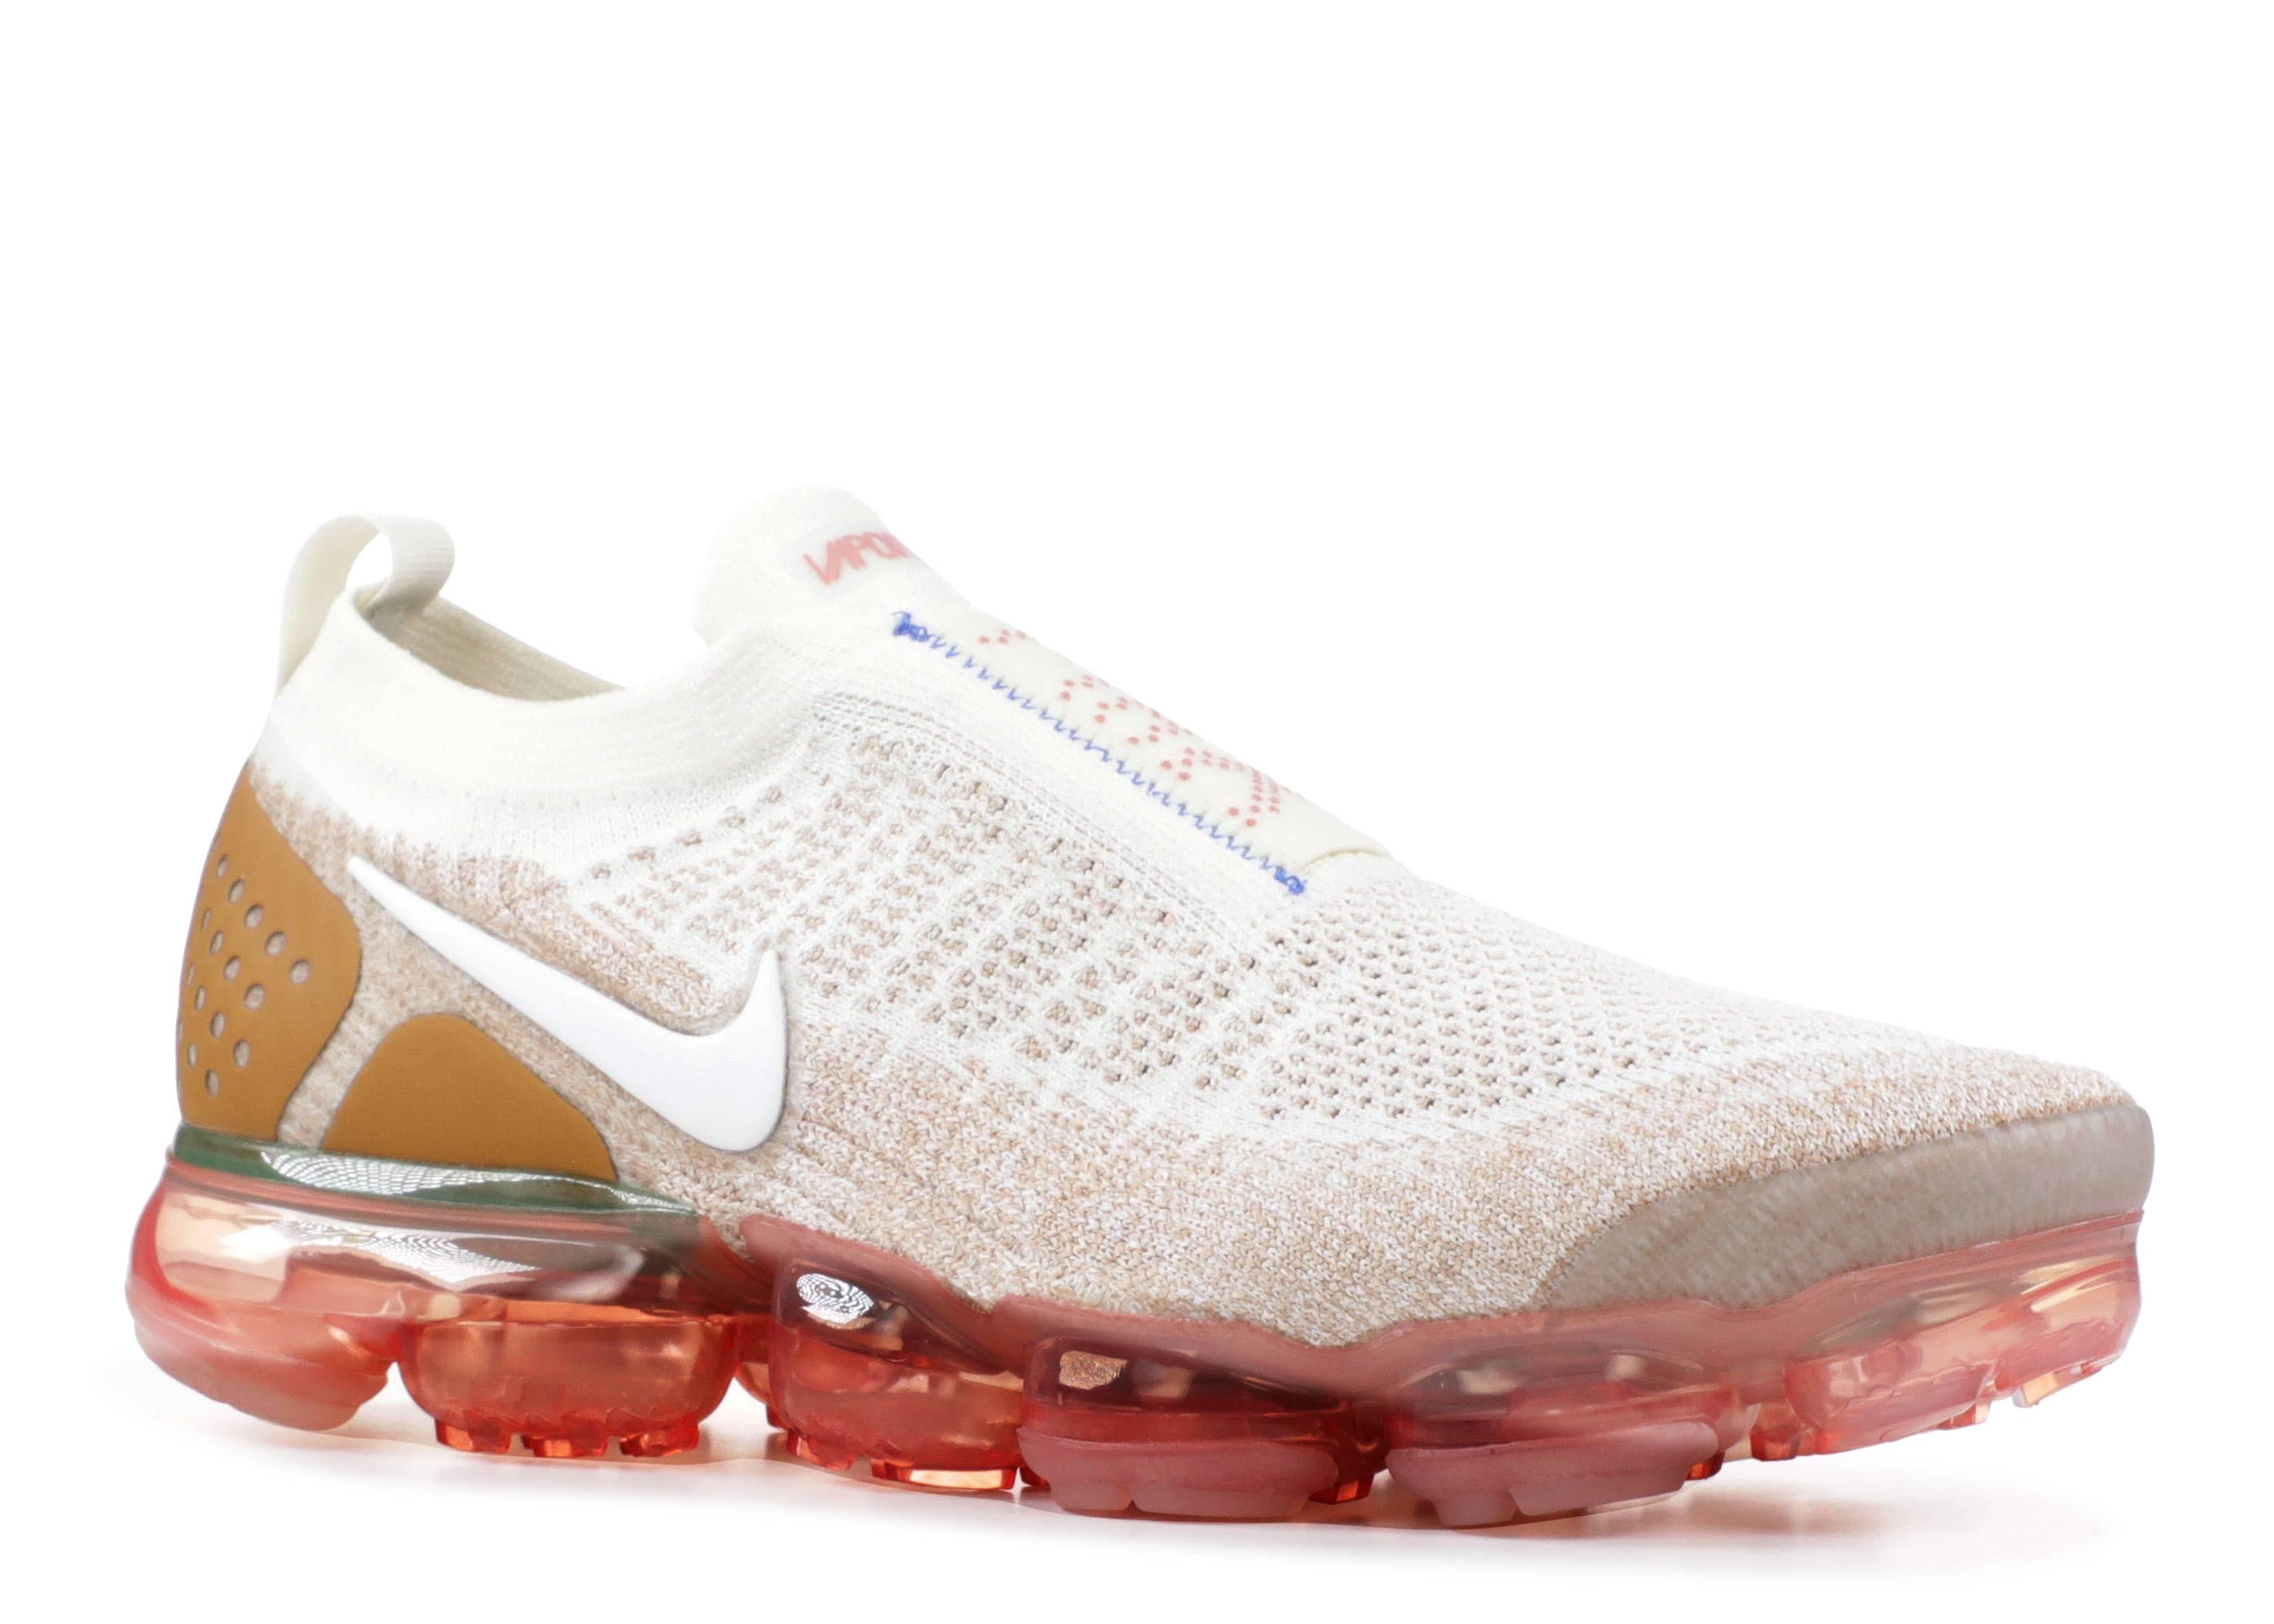 6ceaa986c38 Nike Air Vapormax Fk Moc 2